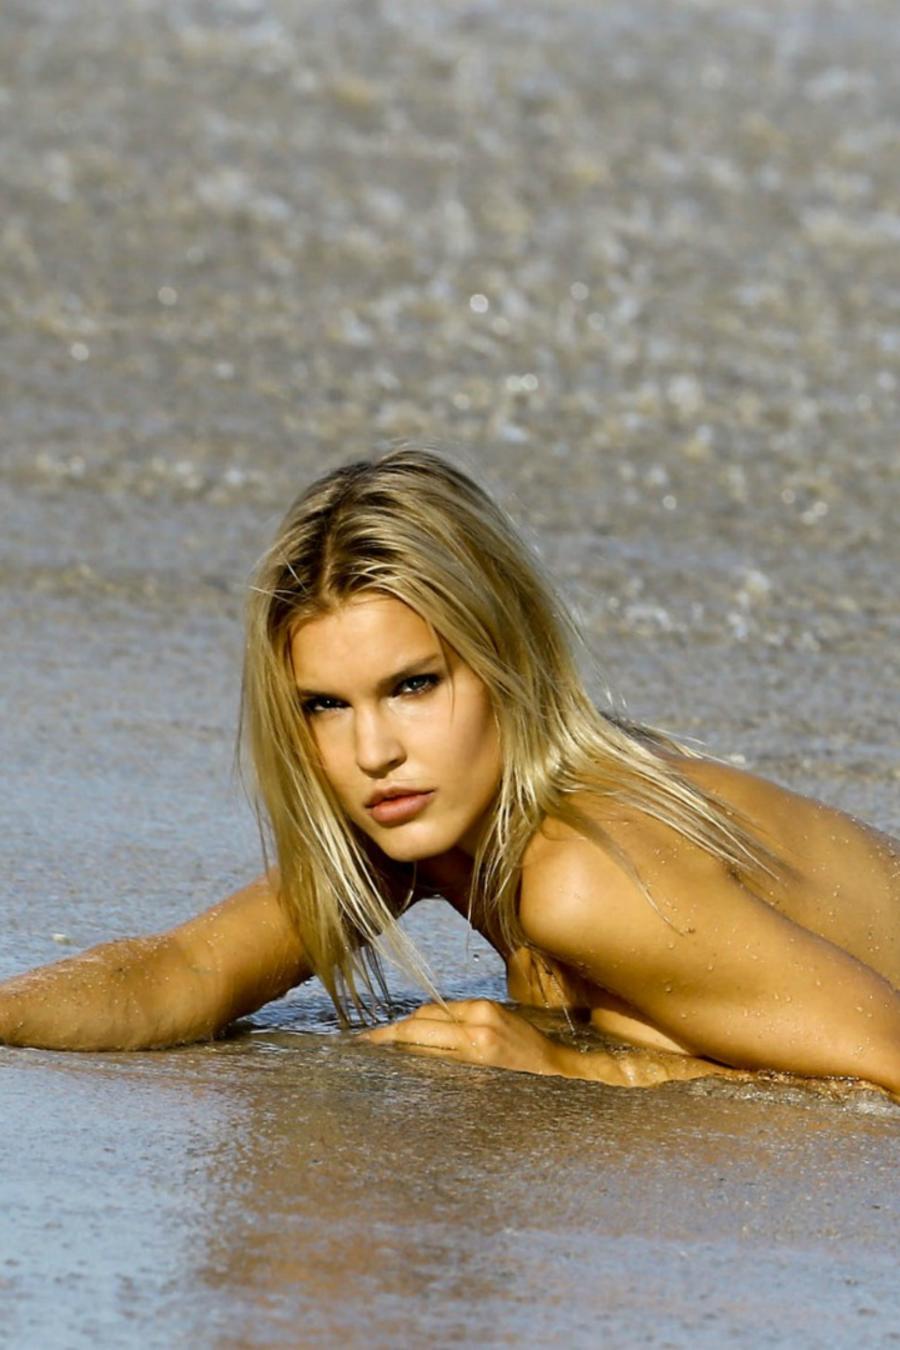 Joy Corrigan en las playas de Miami posando en bikini.